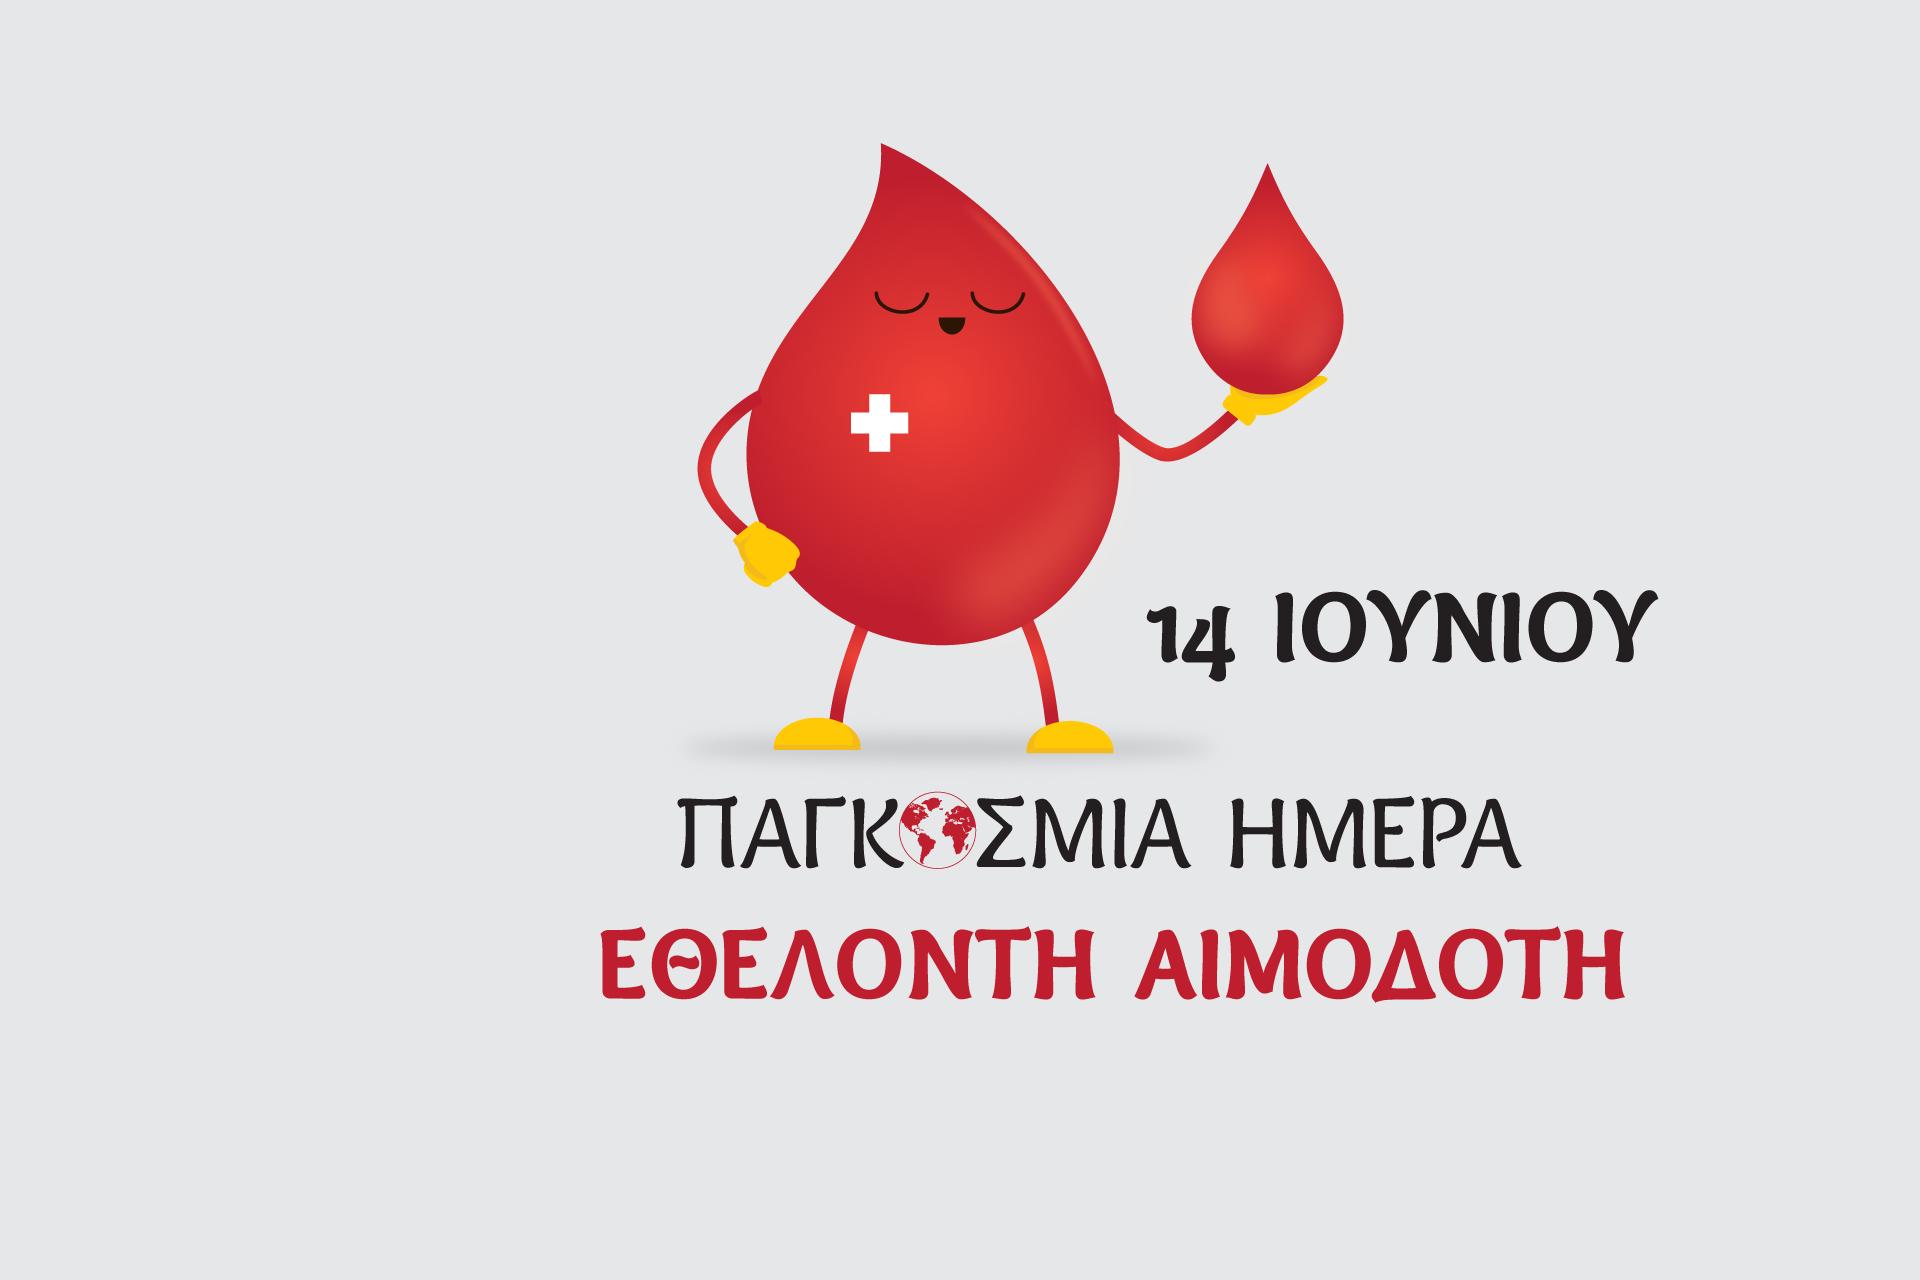 Παγκόσμια ημέρα εθελοντή αιμοδότη σήμερα – Πρώτη η Κύπρος στην Ευρώπη